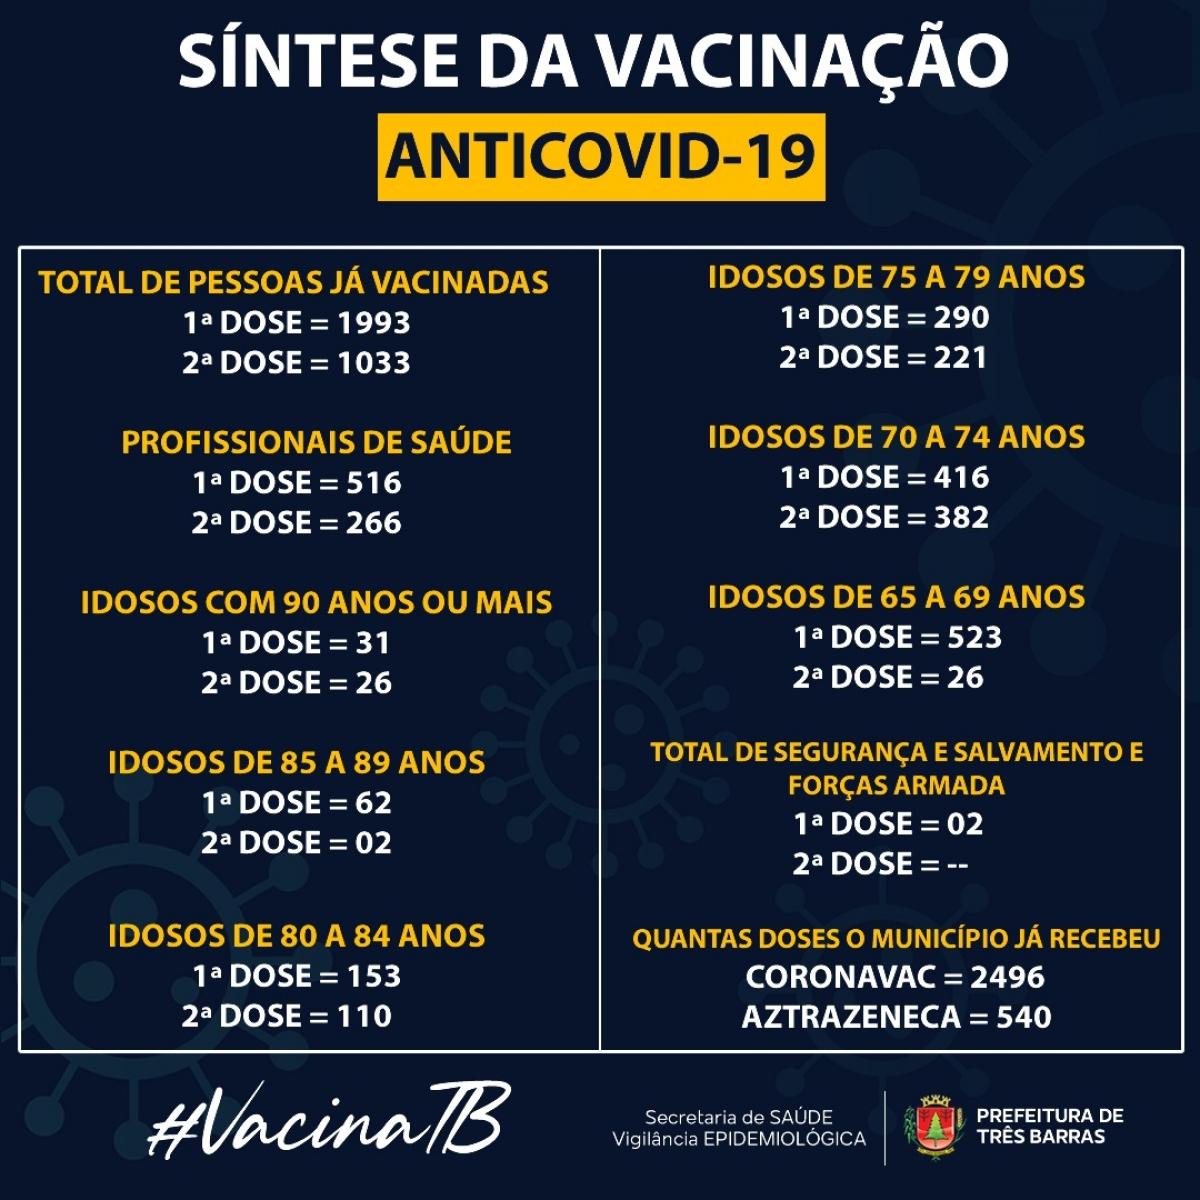 SAÚDE CONFIRMA 1993 VACINADOS CONTRA A COVID-19 EM TRÊS BARRAS